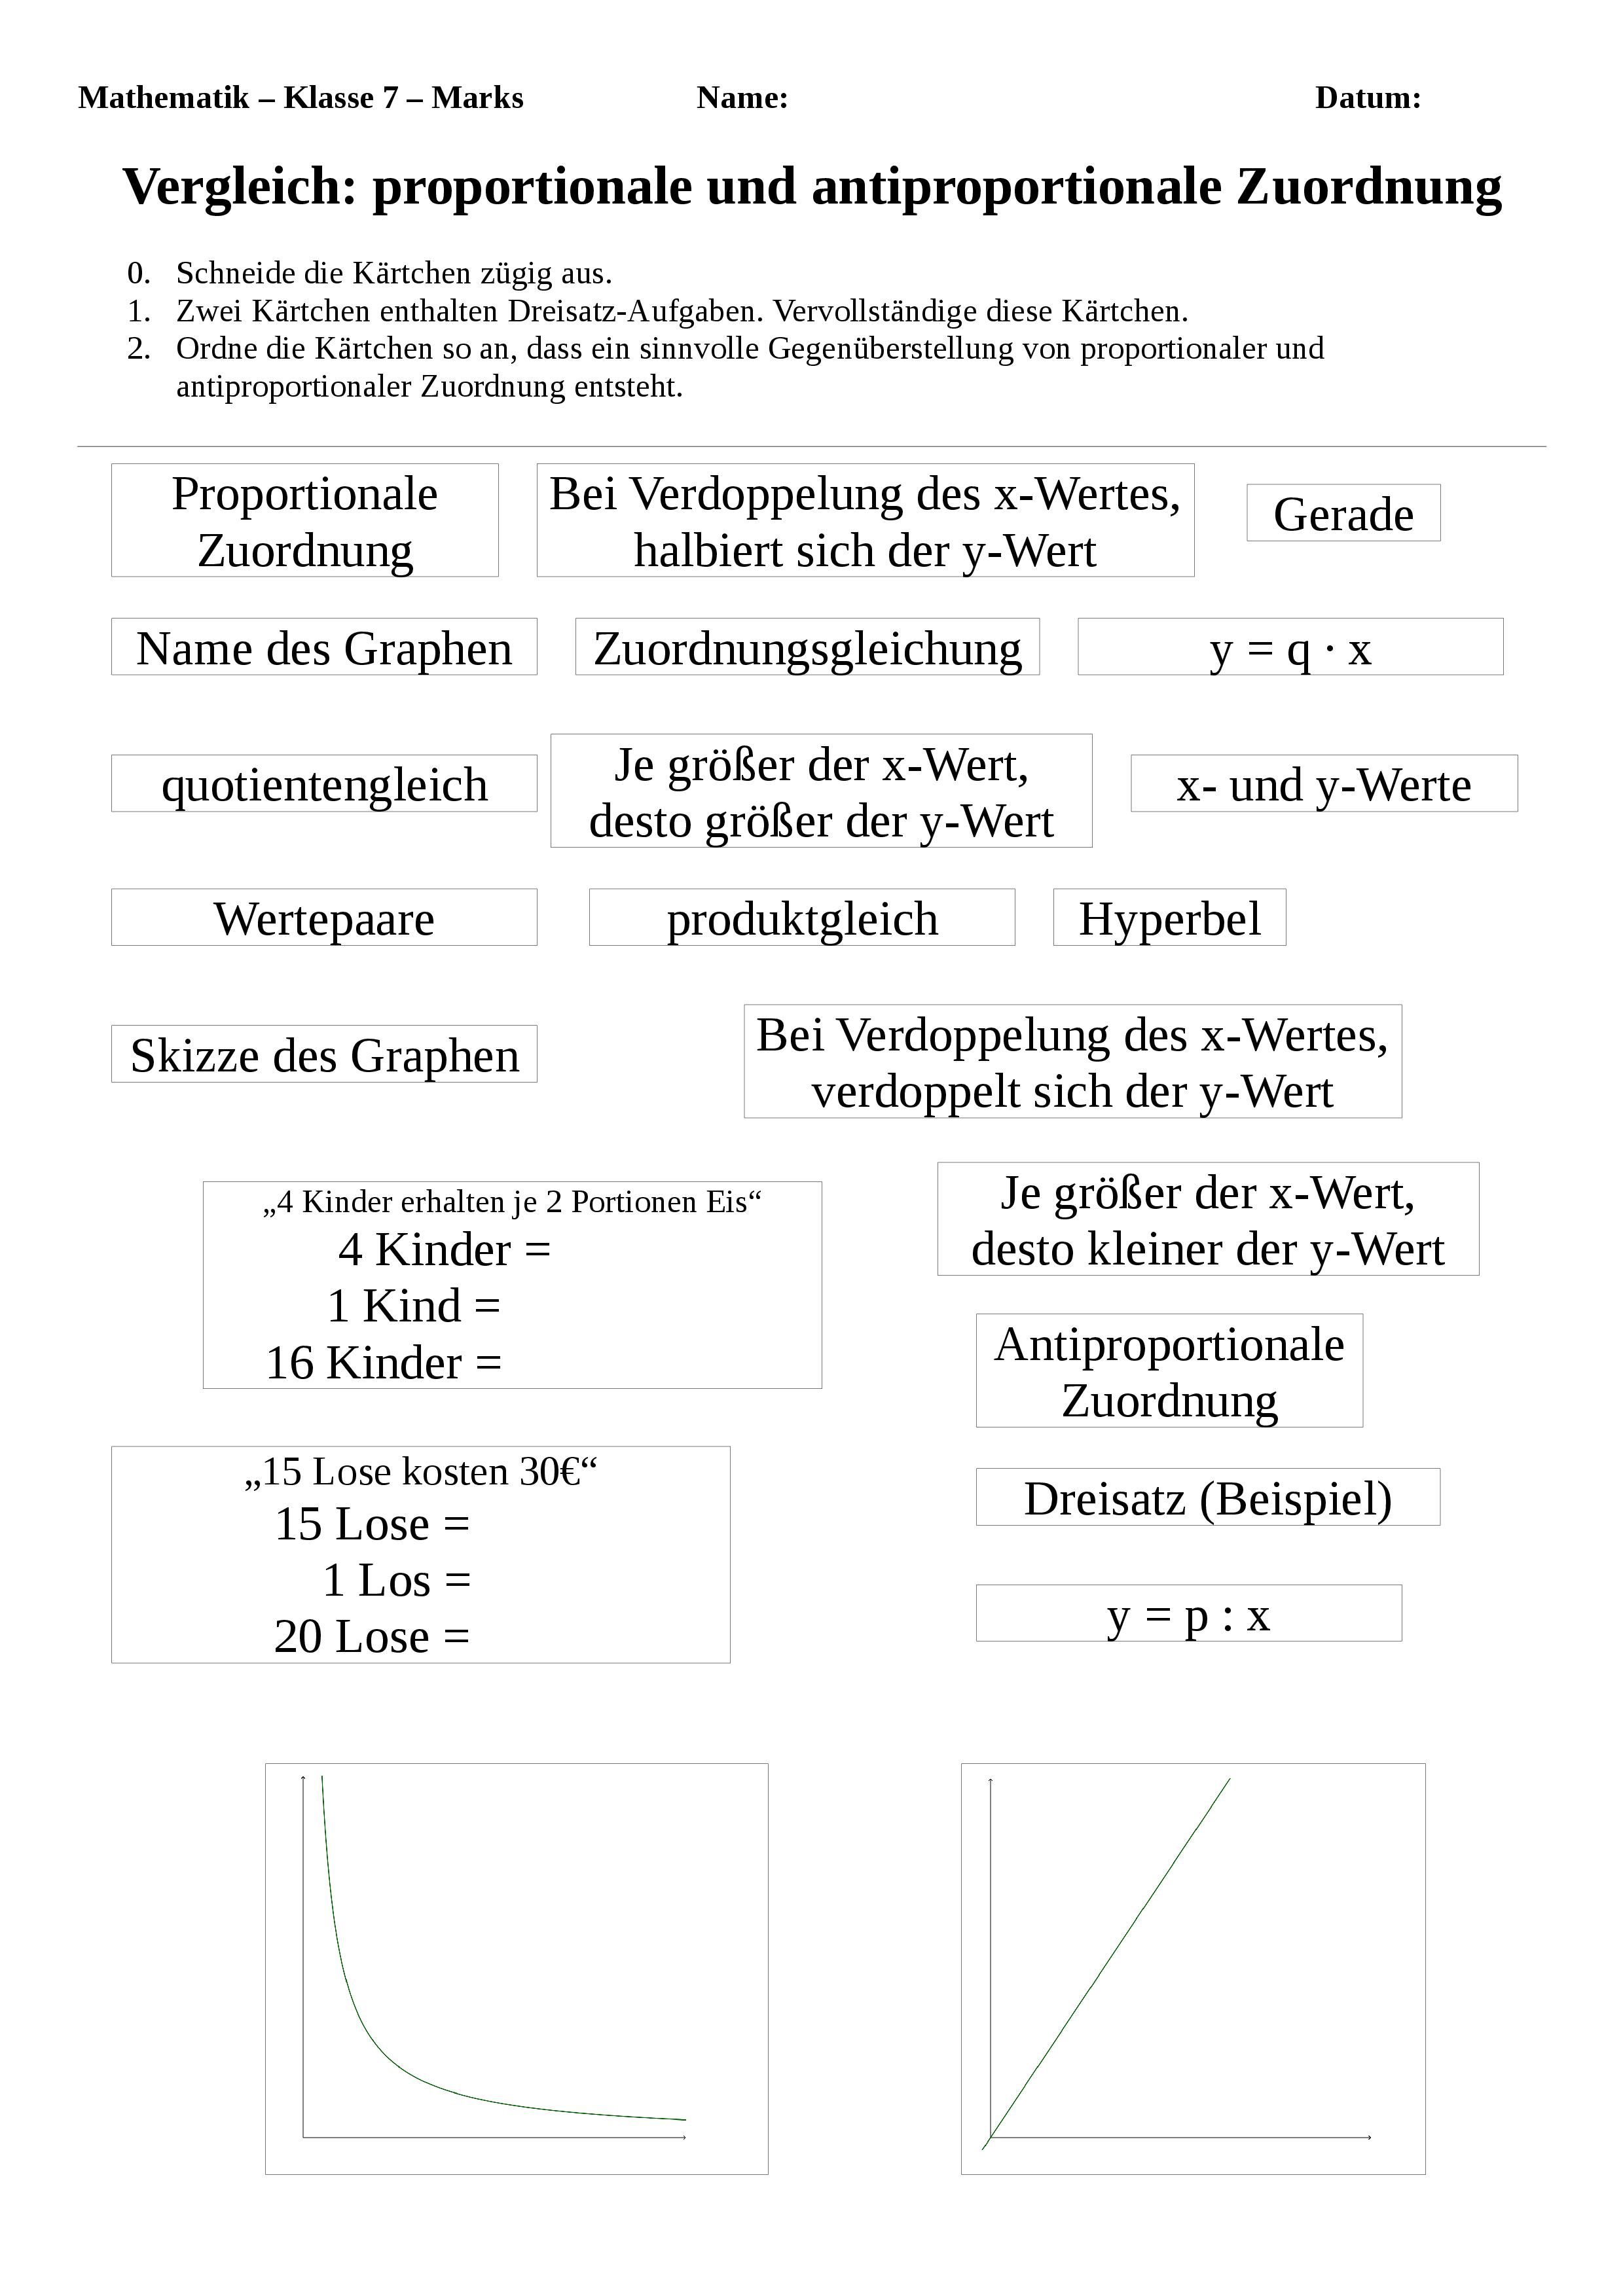 Kostenlos Strukturlegetechnik Proportionale Vs Antiproportionale Zuordnung Unterrichtsmaterial Im Fach Mathematik Mathematik Mathematikunterricht Unterrichtsmaterial